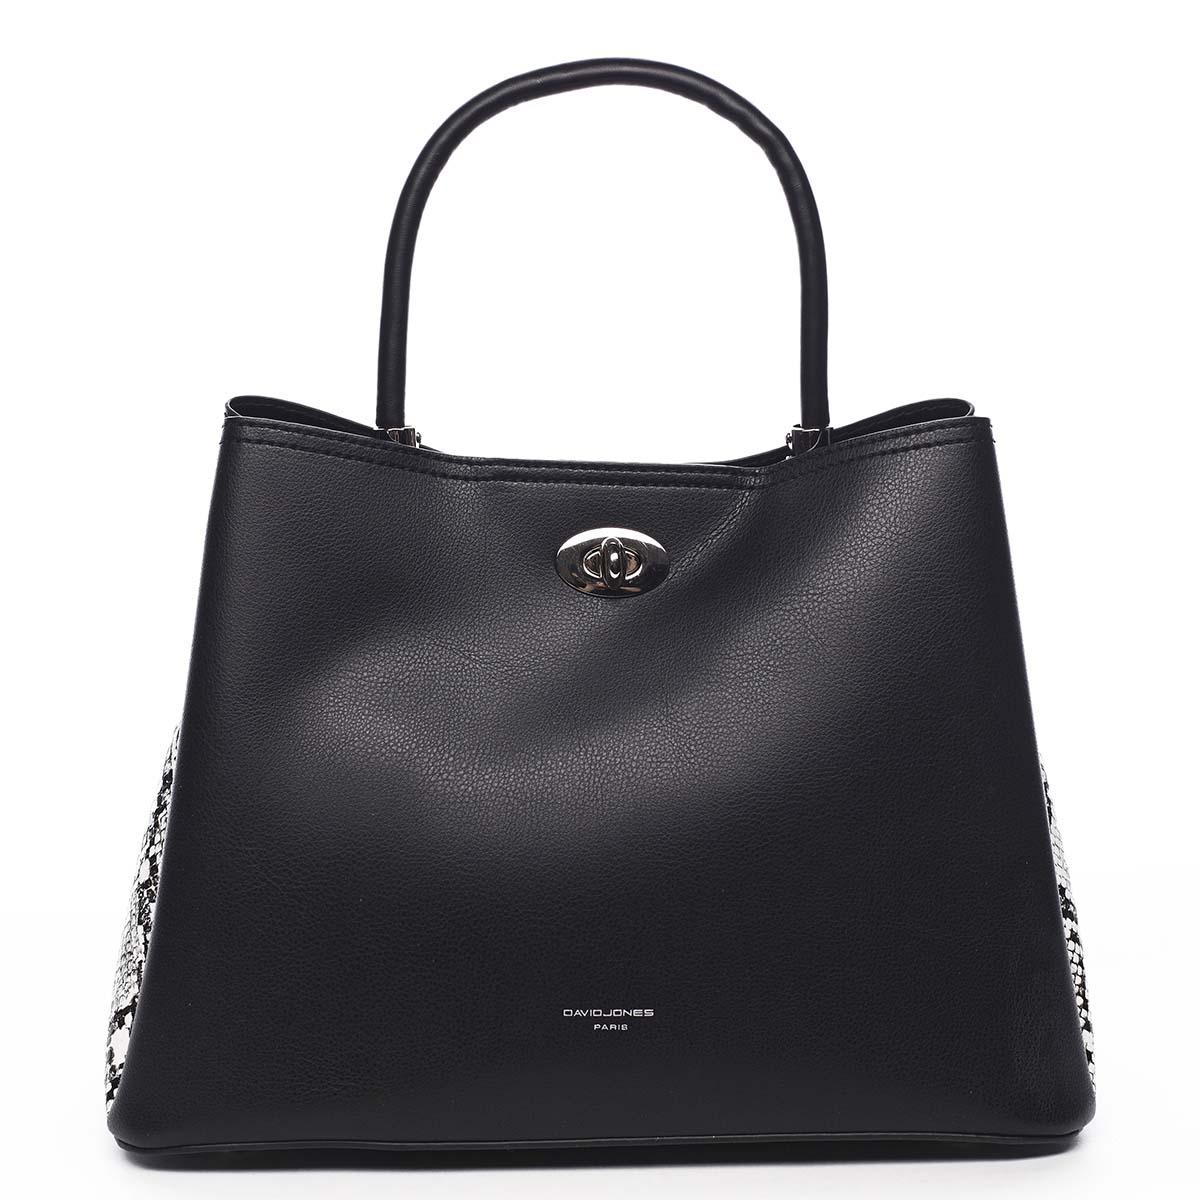 Dámska kabelka čierna - David Jones Prestique